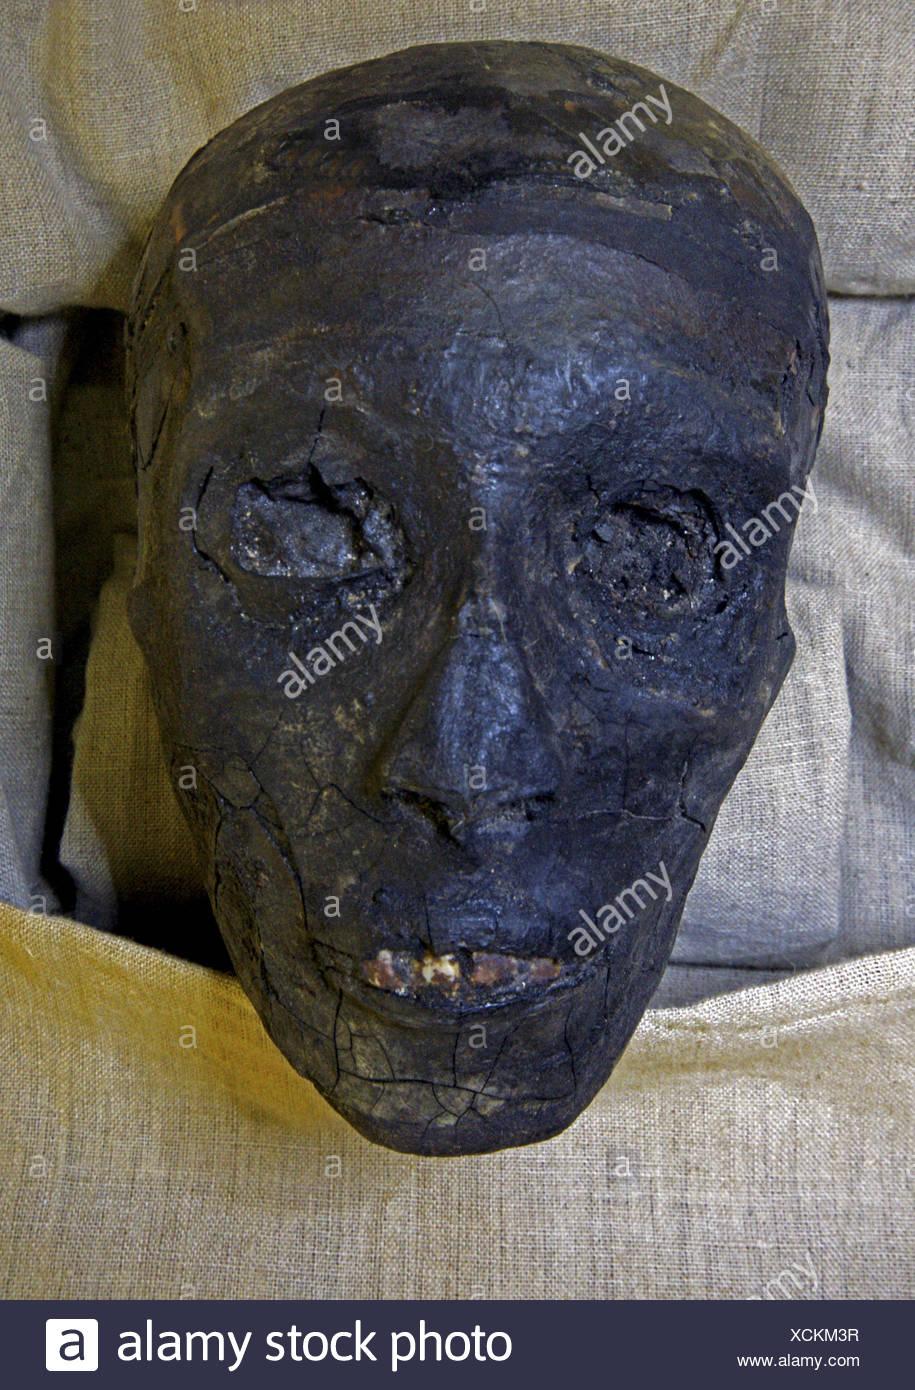 Kings Valley:tumb of Tut Ank Amon.Mummy of Tut Ank Amon. Luxor west bank. Egypt - Stock Image